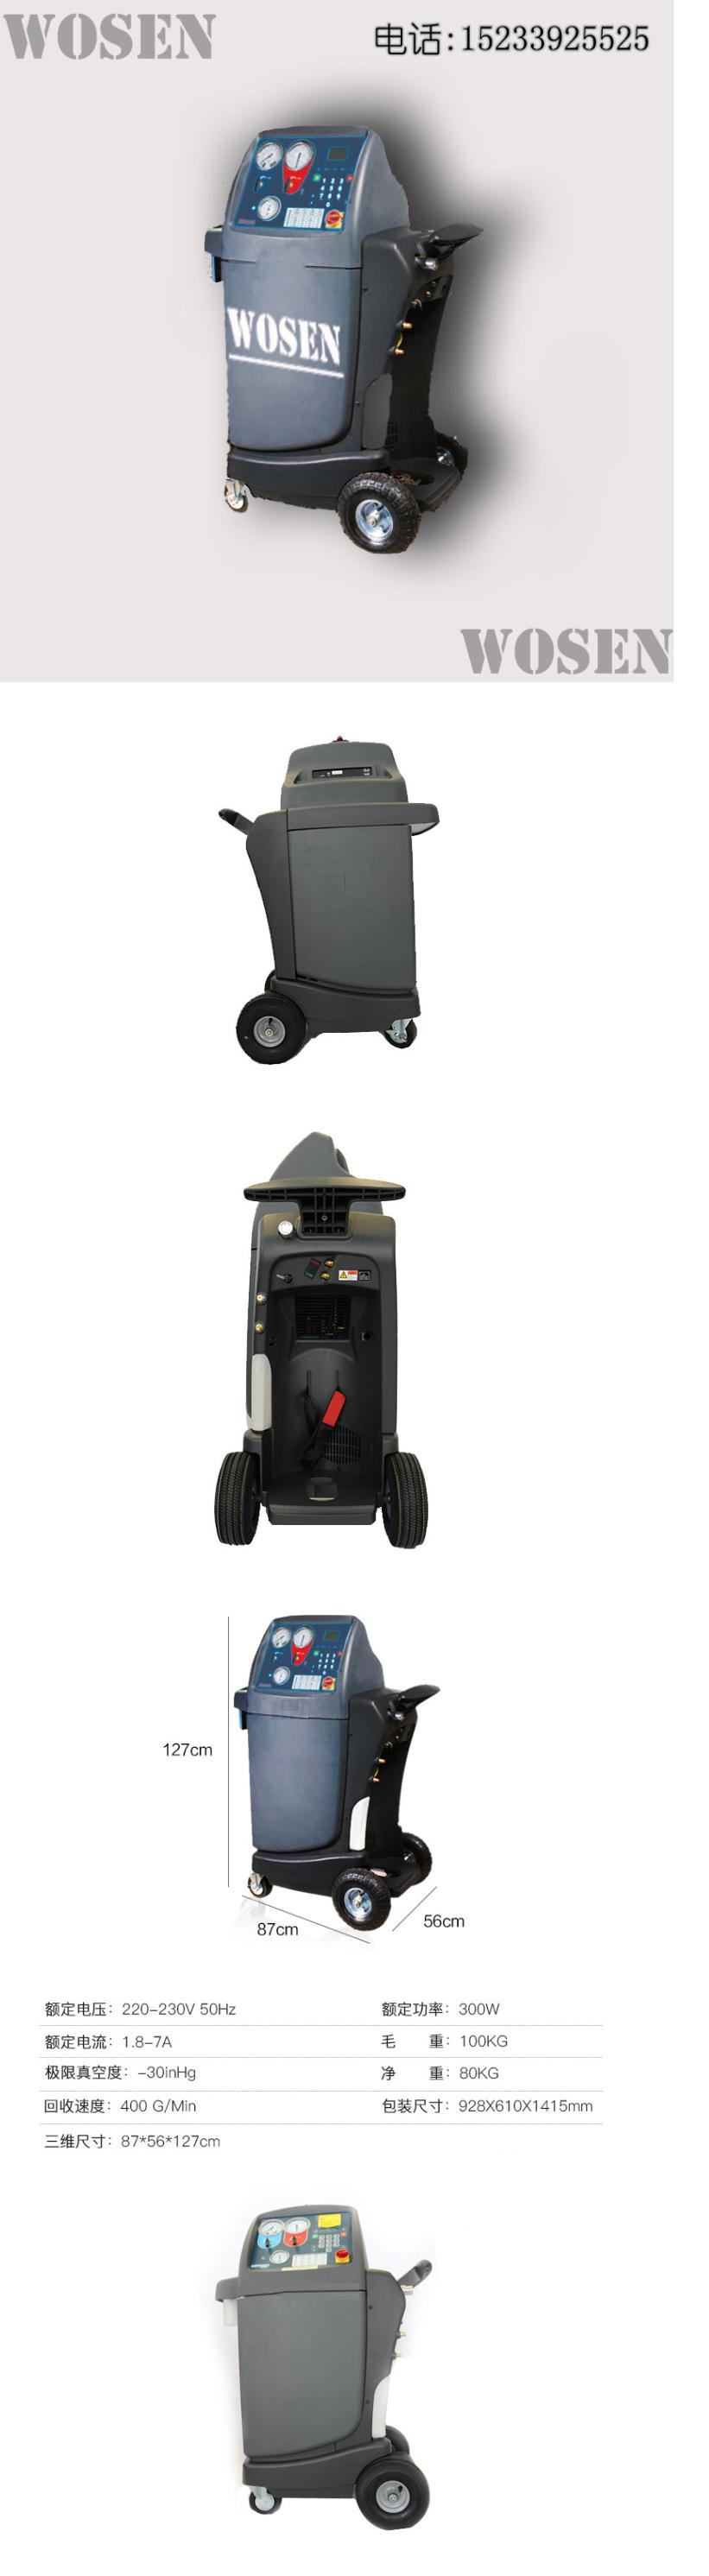 4汽车空调220v冷媒加注机汽车冷媒加注回收设备80KG冷媒加注机器-汽配易购网.png